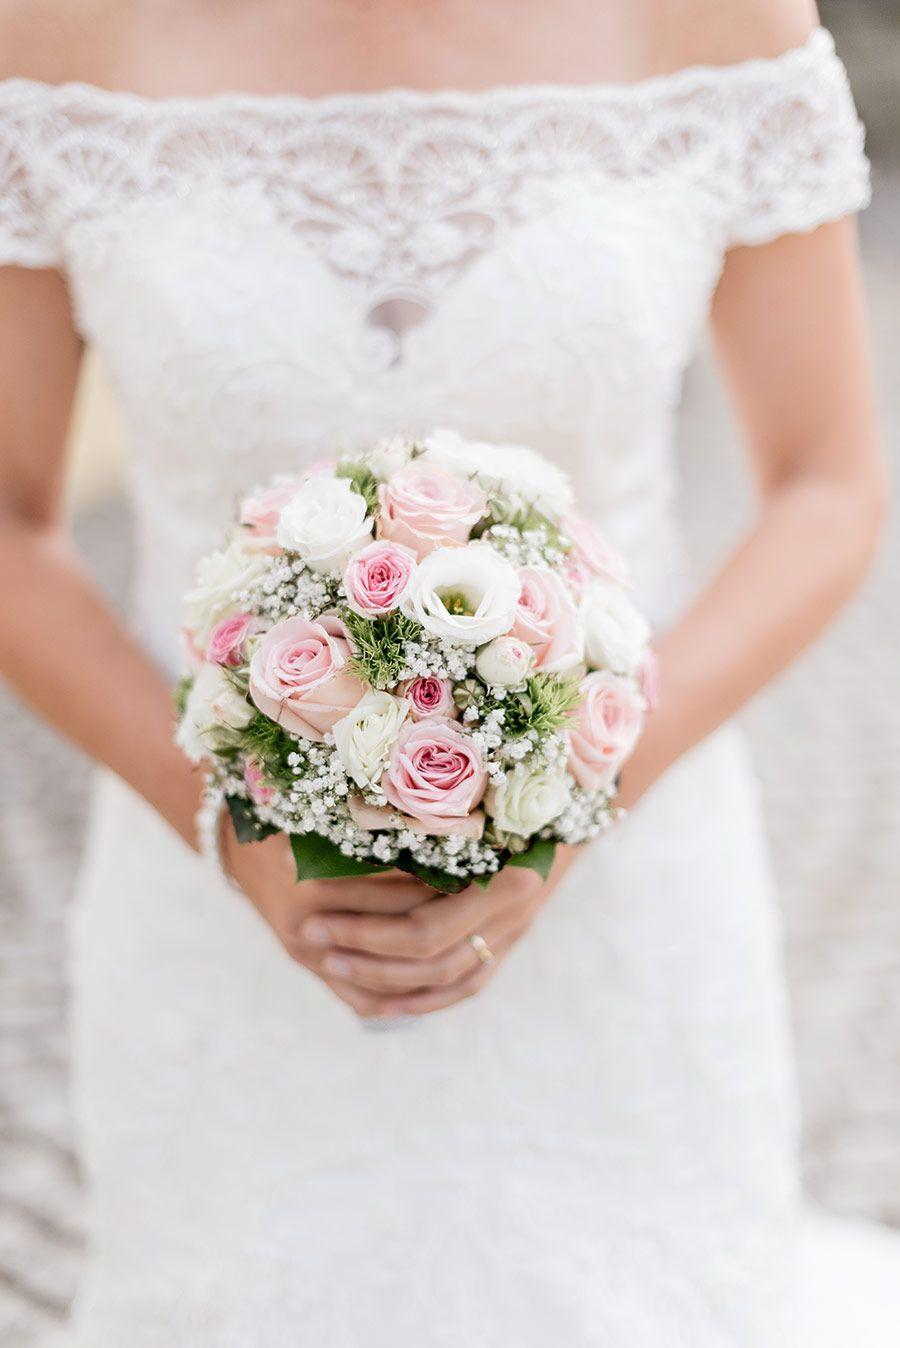 Ist Das Nicht Ein Wunderschoner Brautstrauss Mit Rosen Und